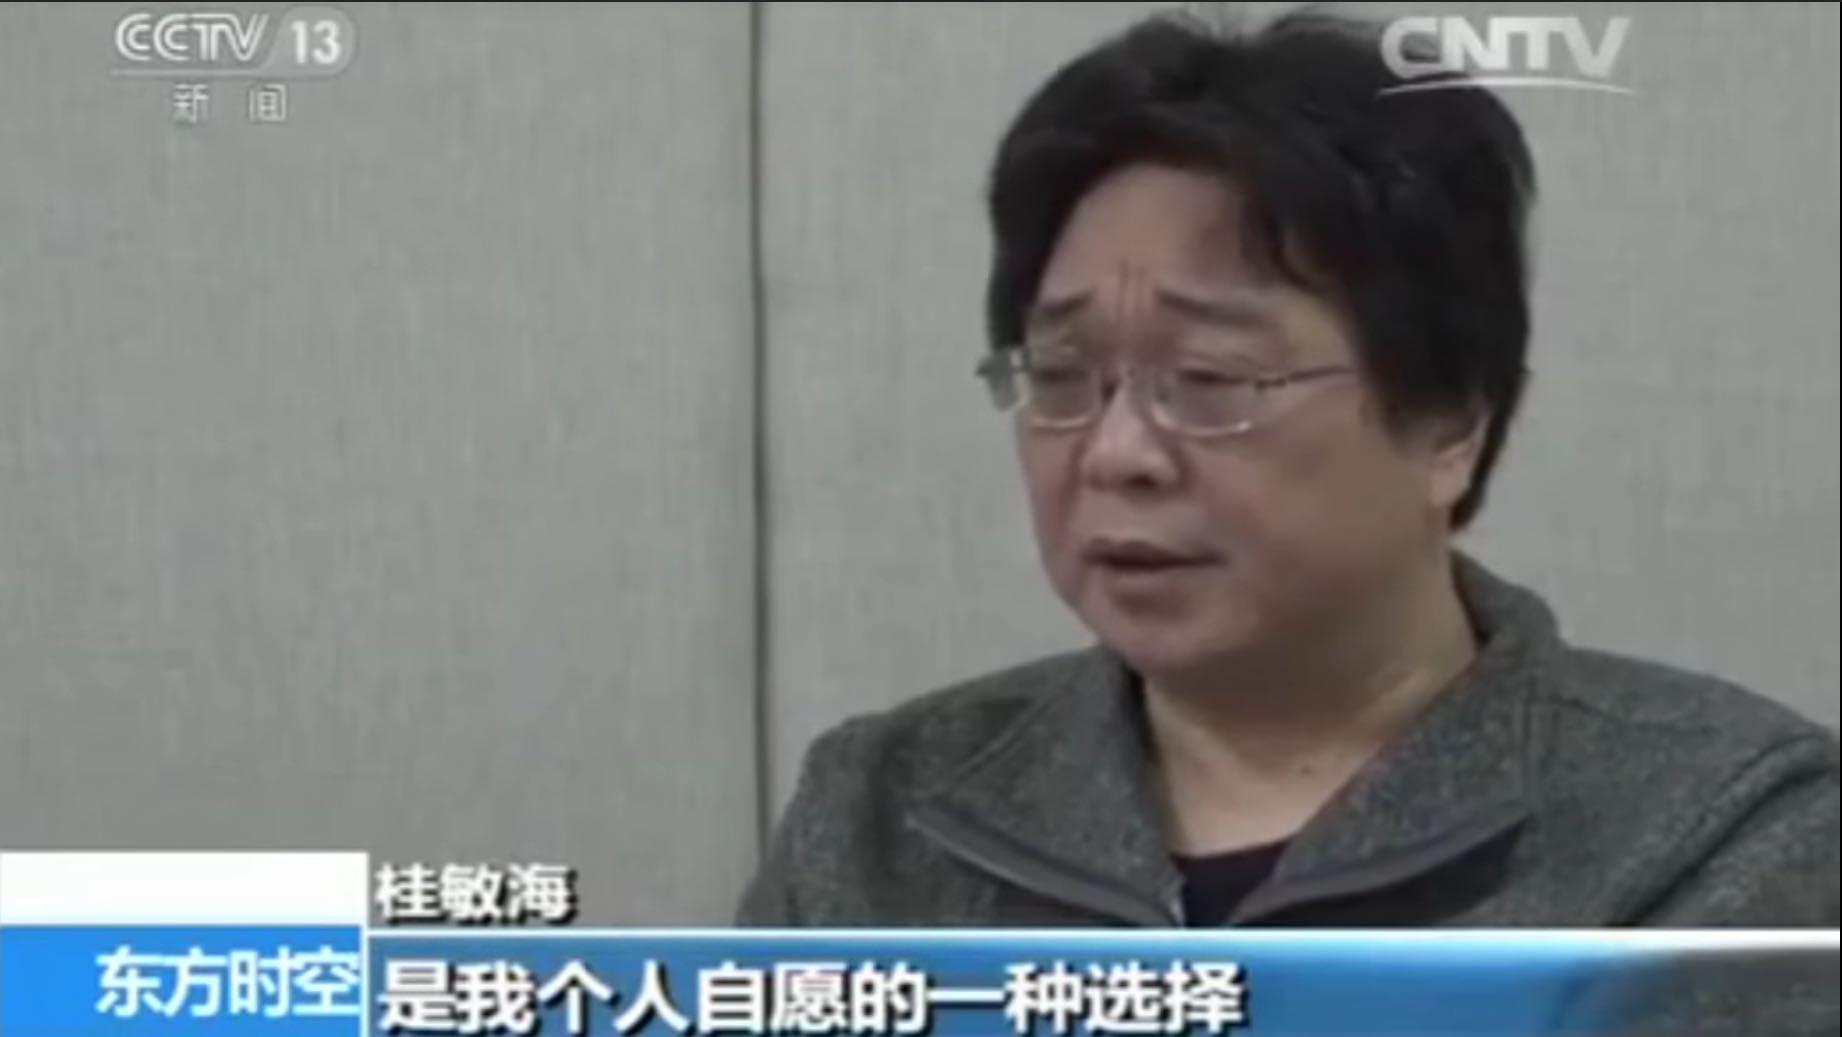 【更新】桂敏海再遭抓捕后续:中国外交部反指瑞典外交官违反中国法律